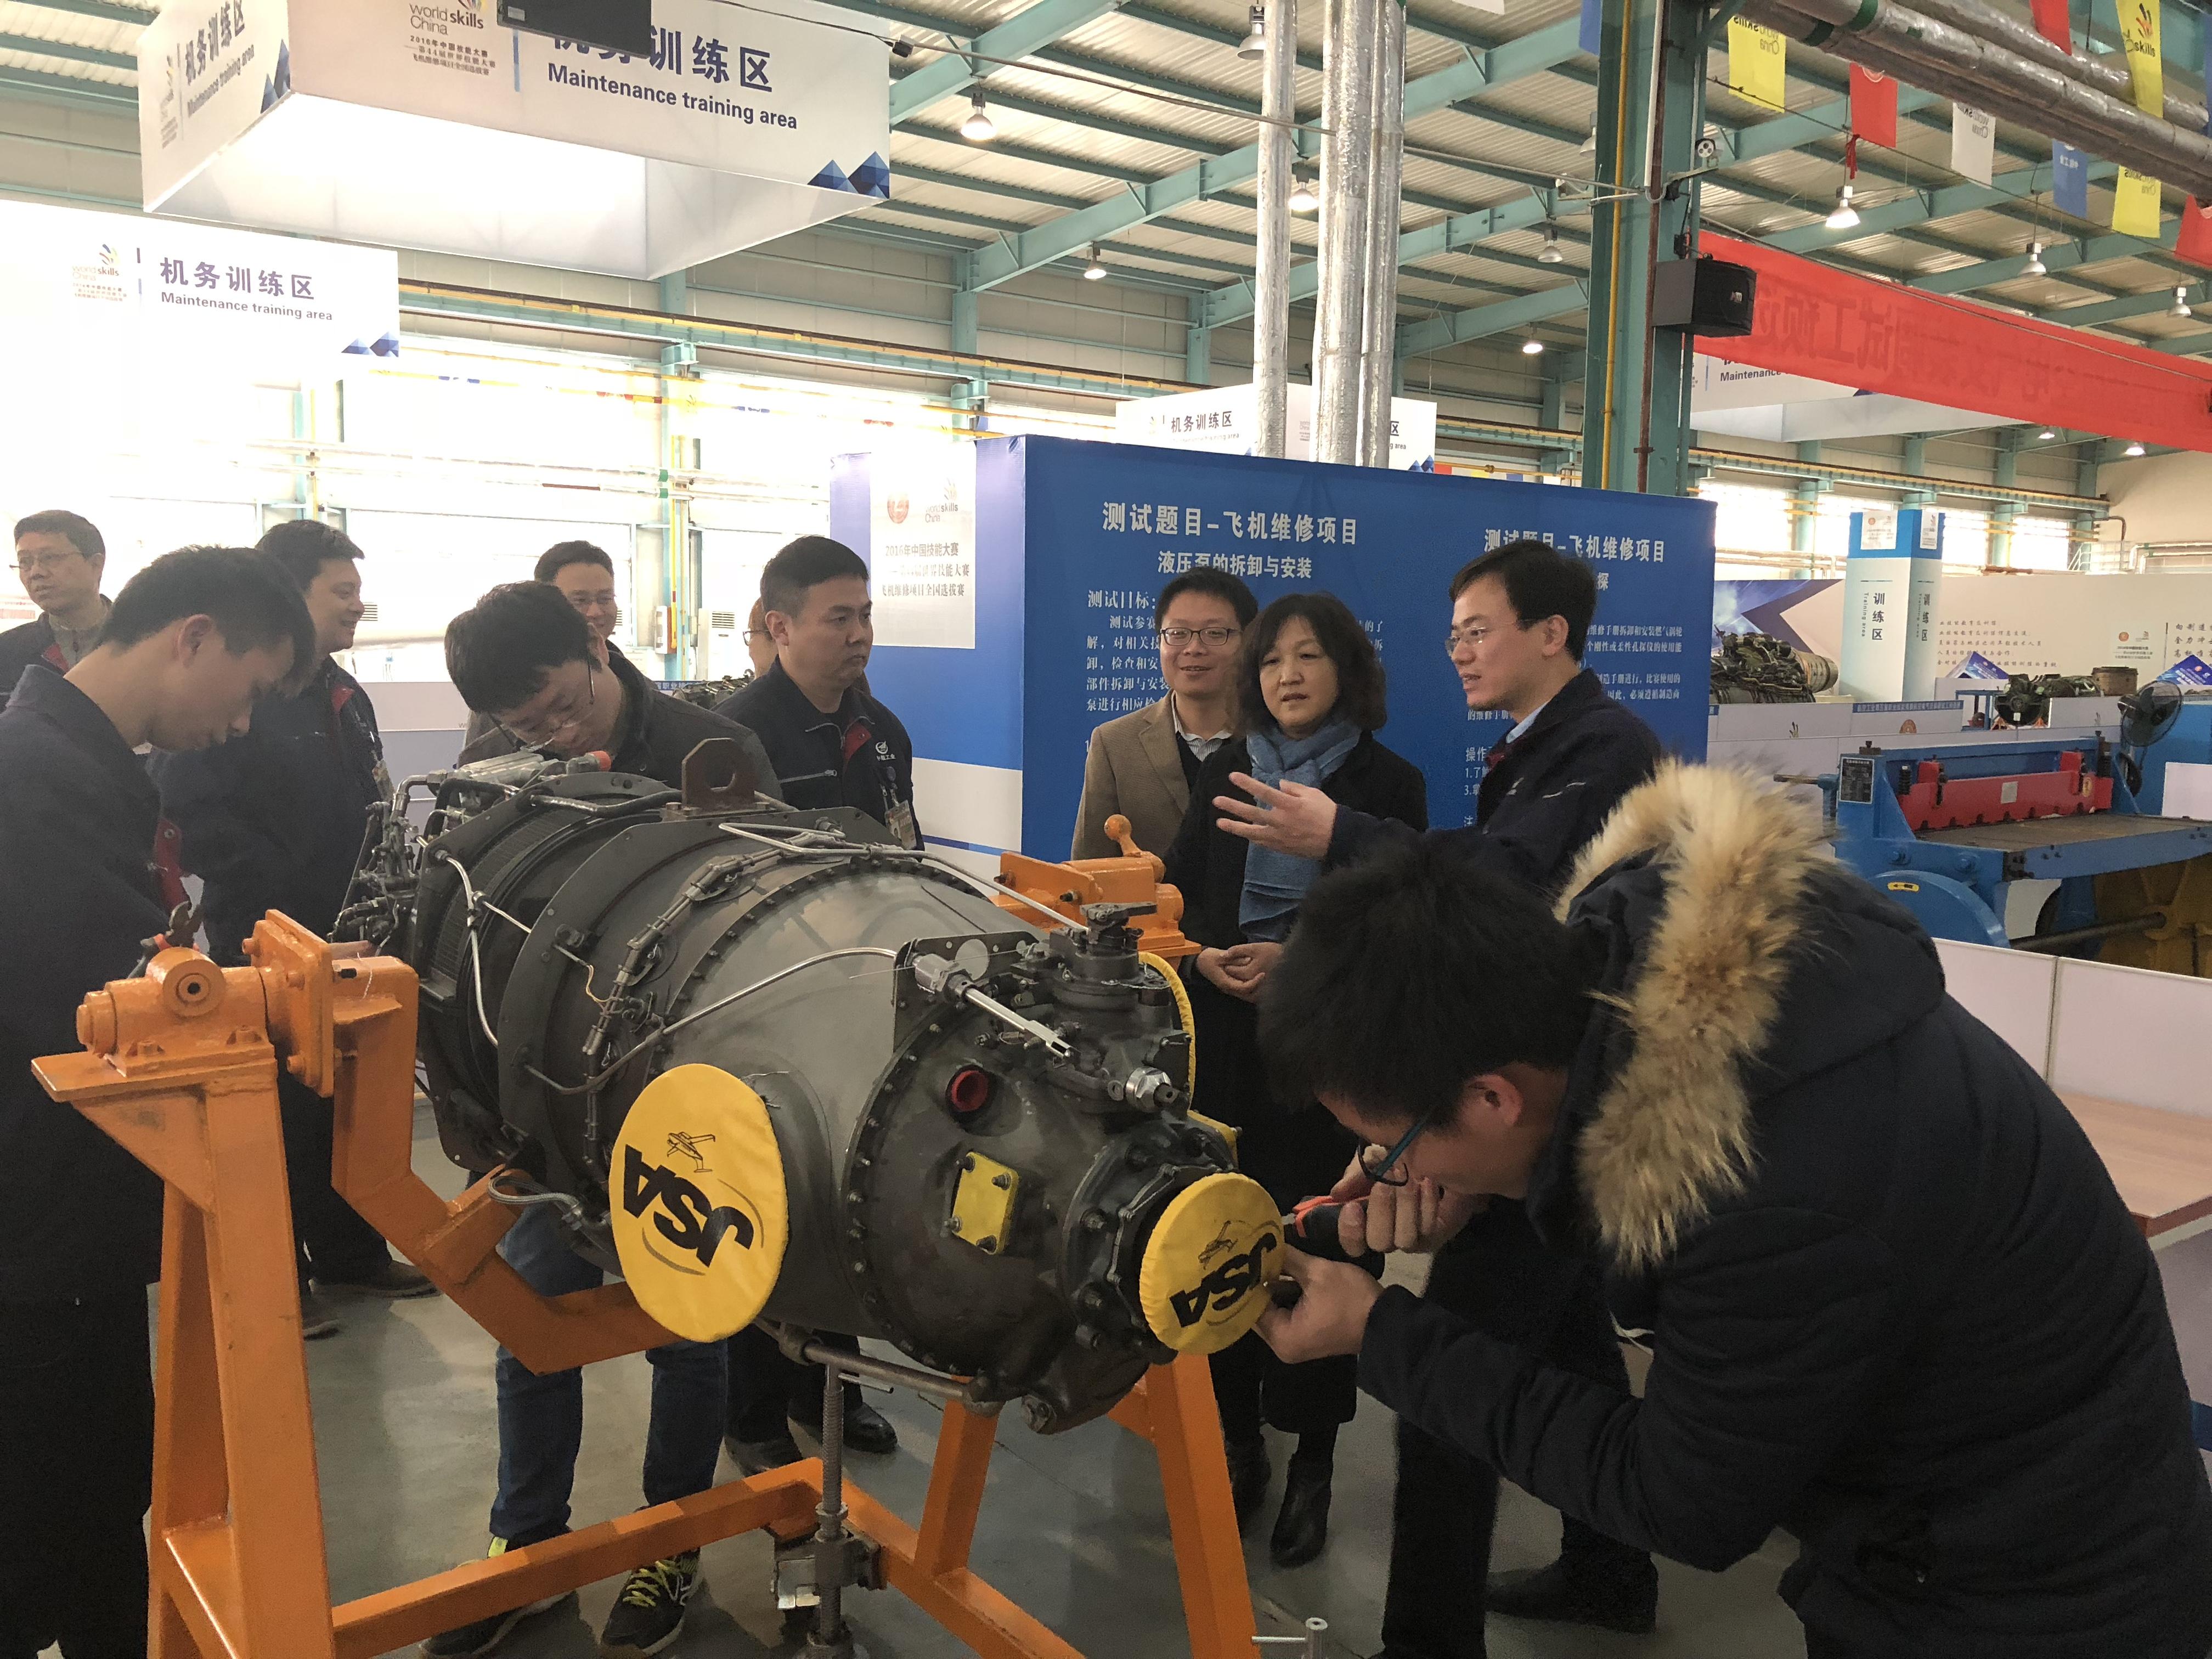 人社部中国就业指导中心领导调研4.jpg